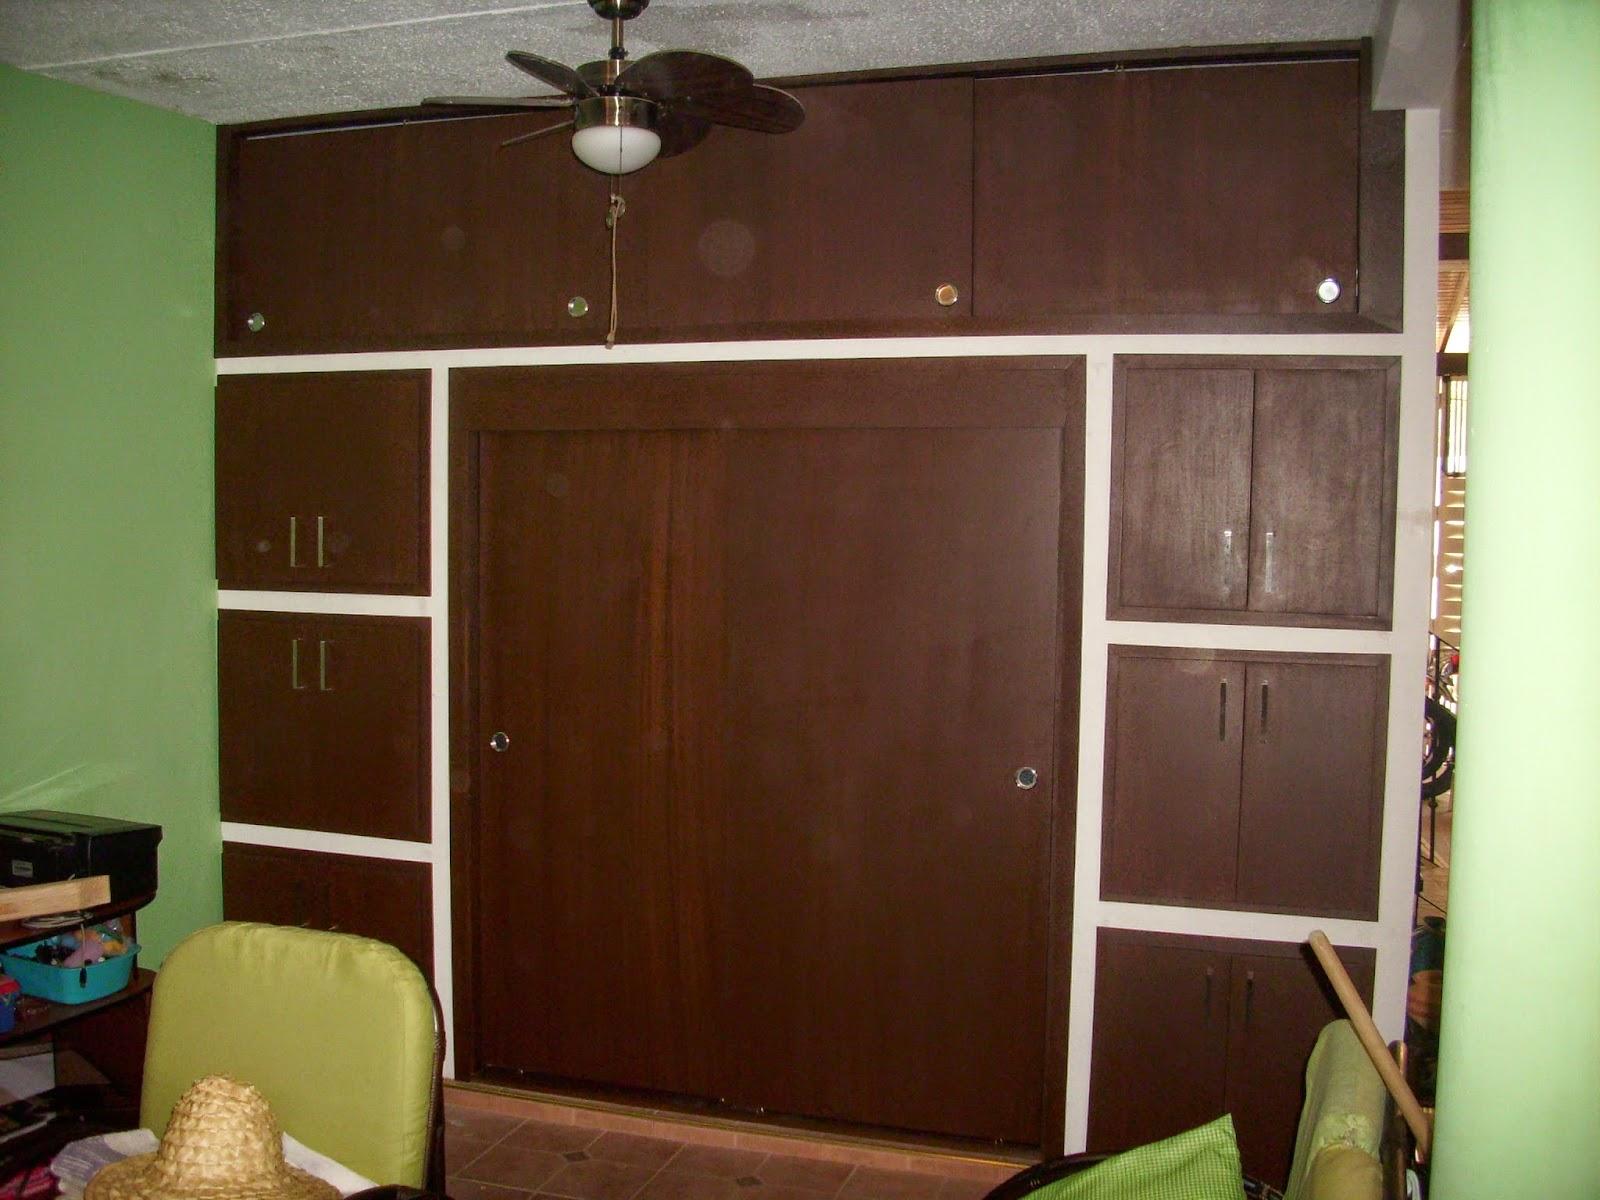 Mis trabajos en madera puertas de cocina y puertas para for Puertas metalicas para cocina